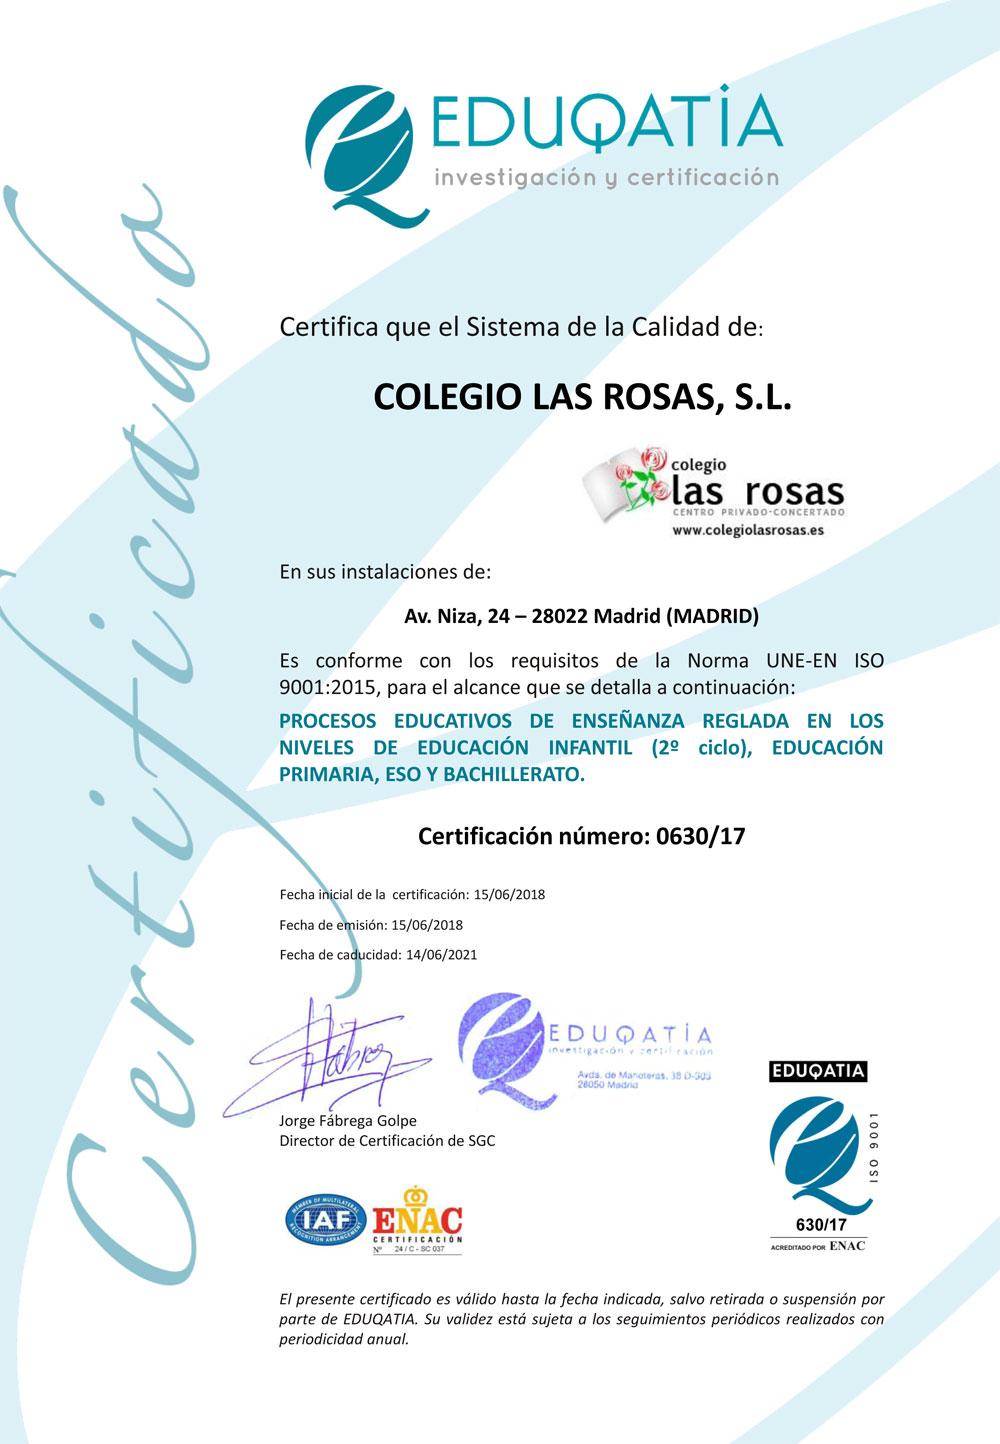 EDUQATIA-ISO9001-630-17